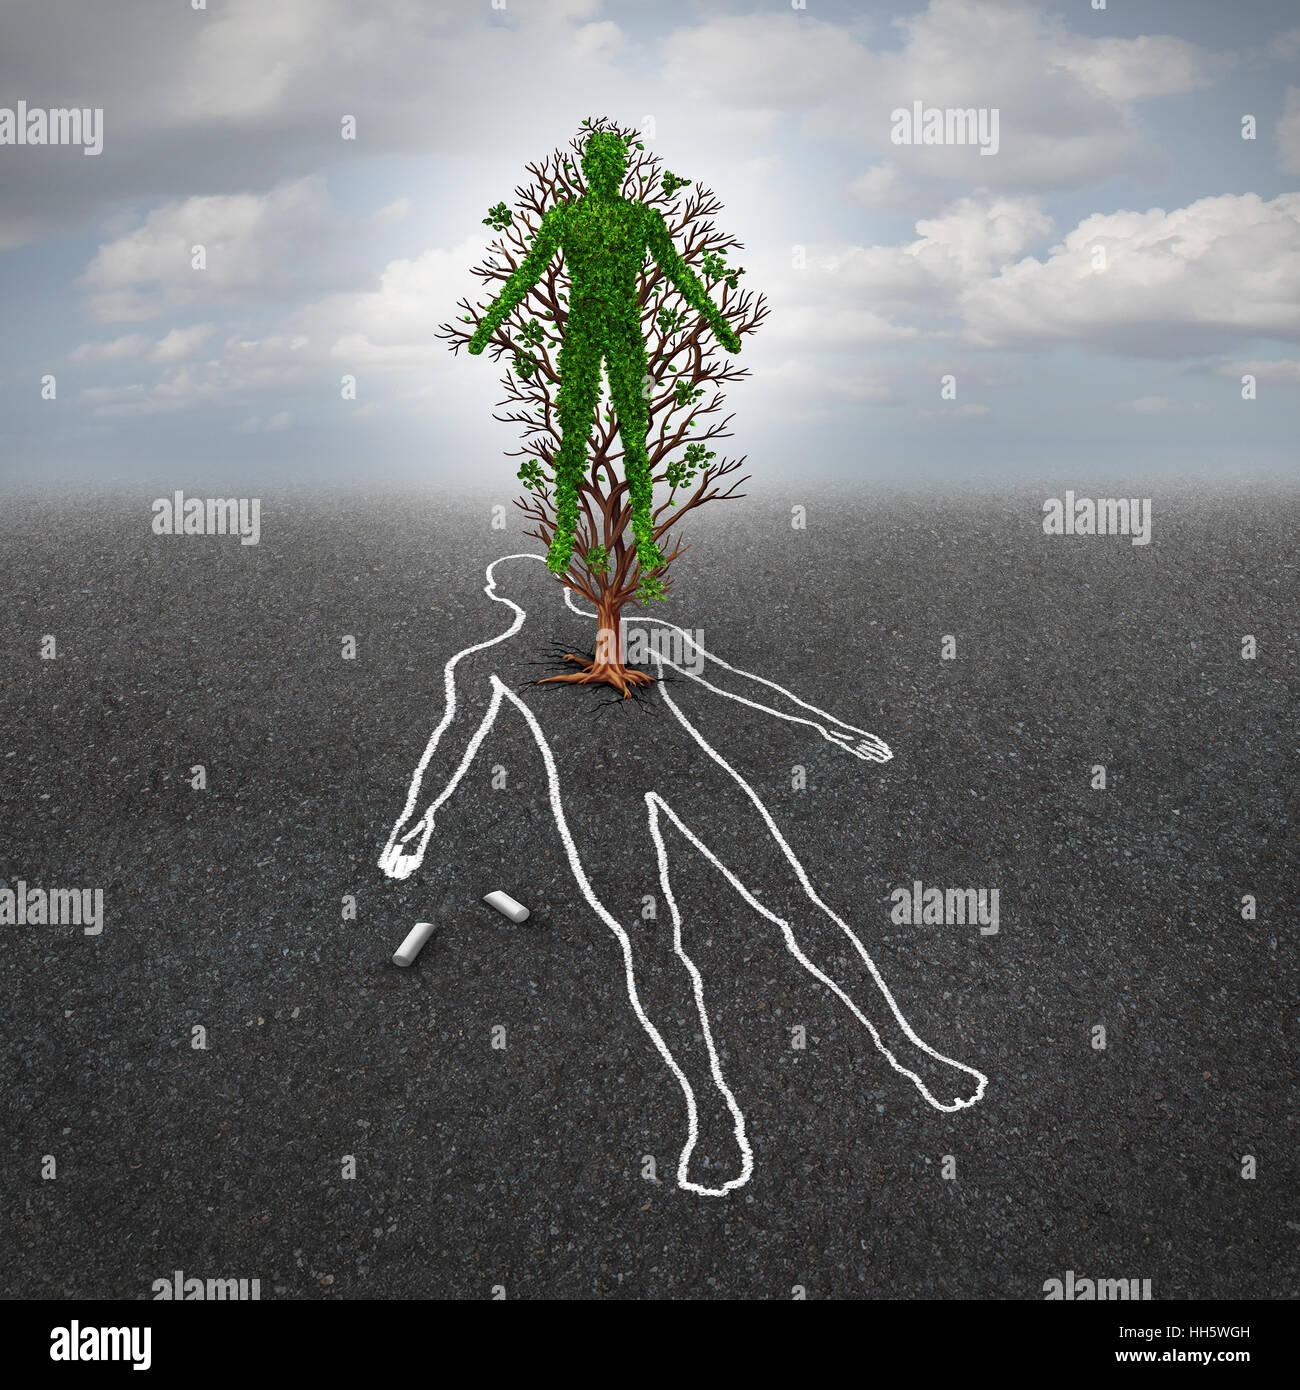 La vie après la mort et l'au-delà du concept d'un symbole ou d'espoir de renouveau métaphore Photo Stock